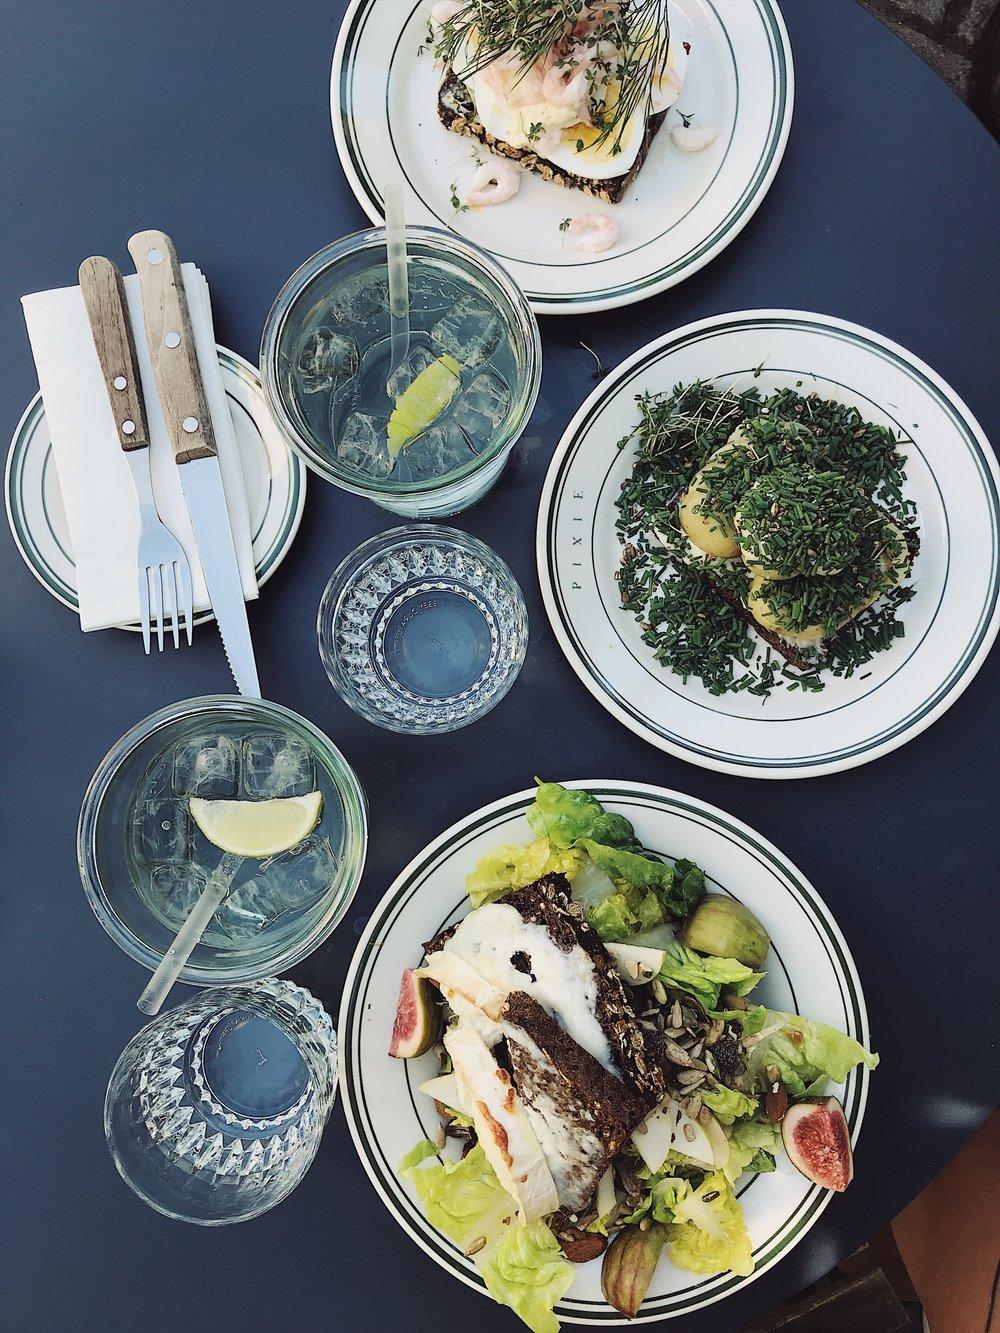 2. EAT |BOPA PLADS (Pixie)